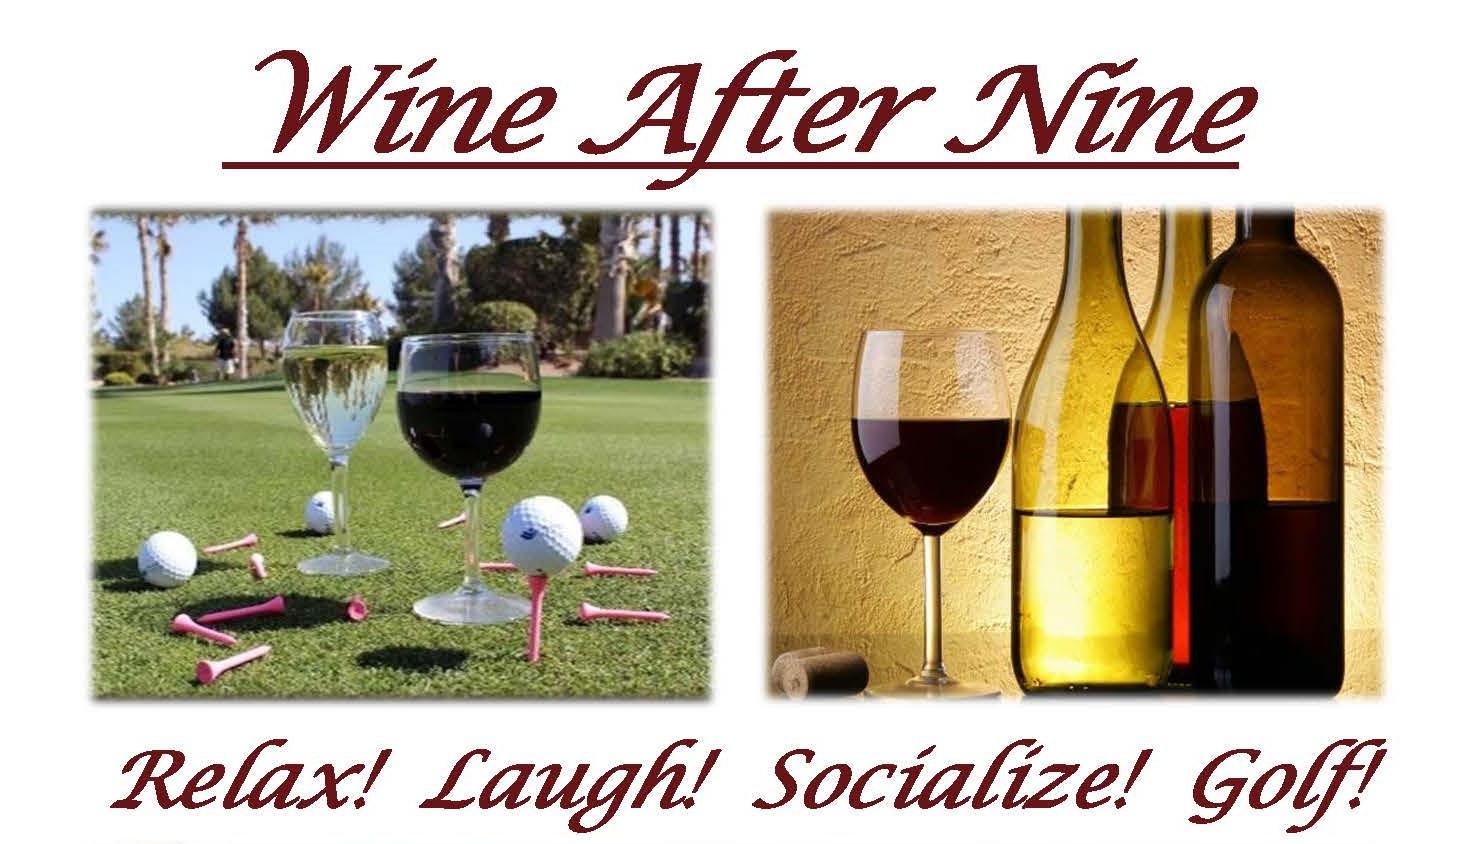 Wine After Nine